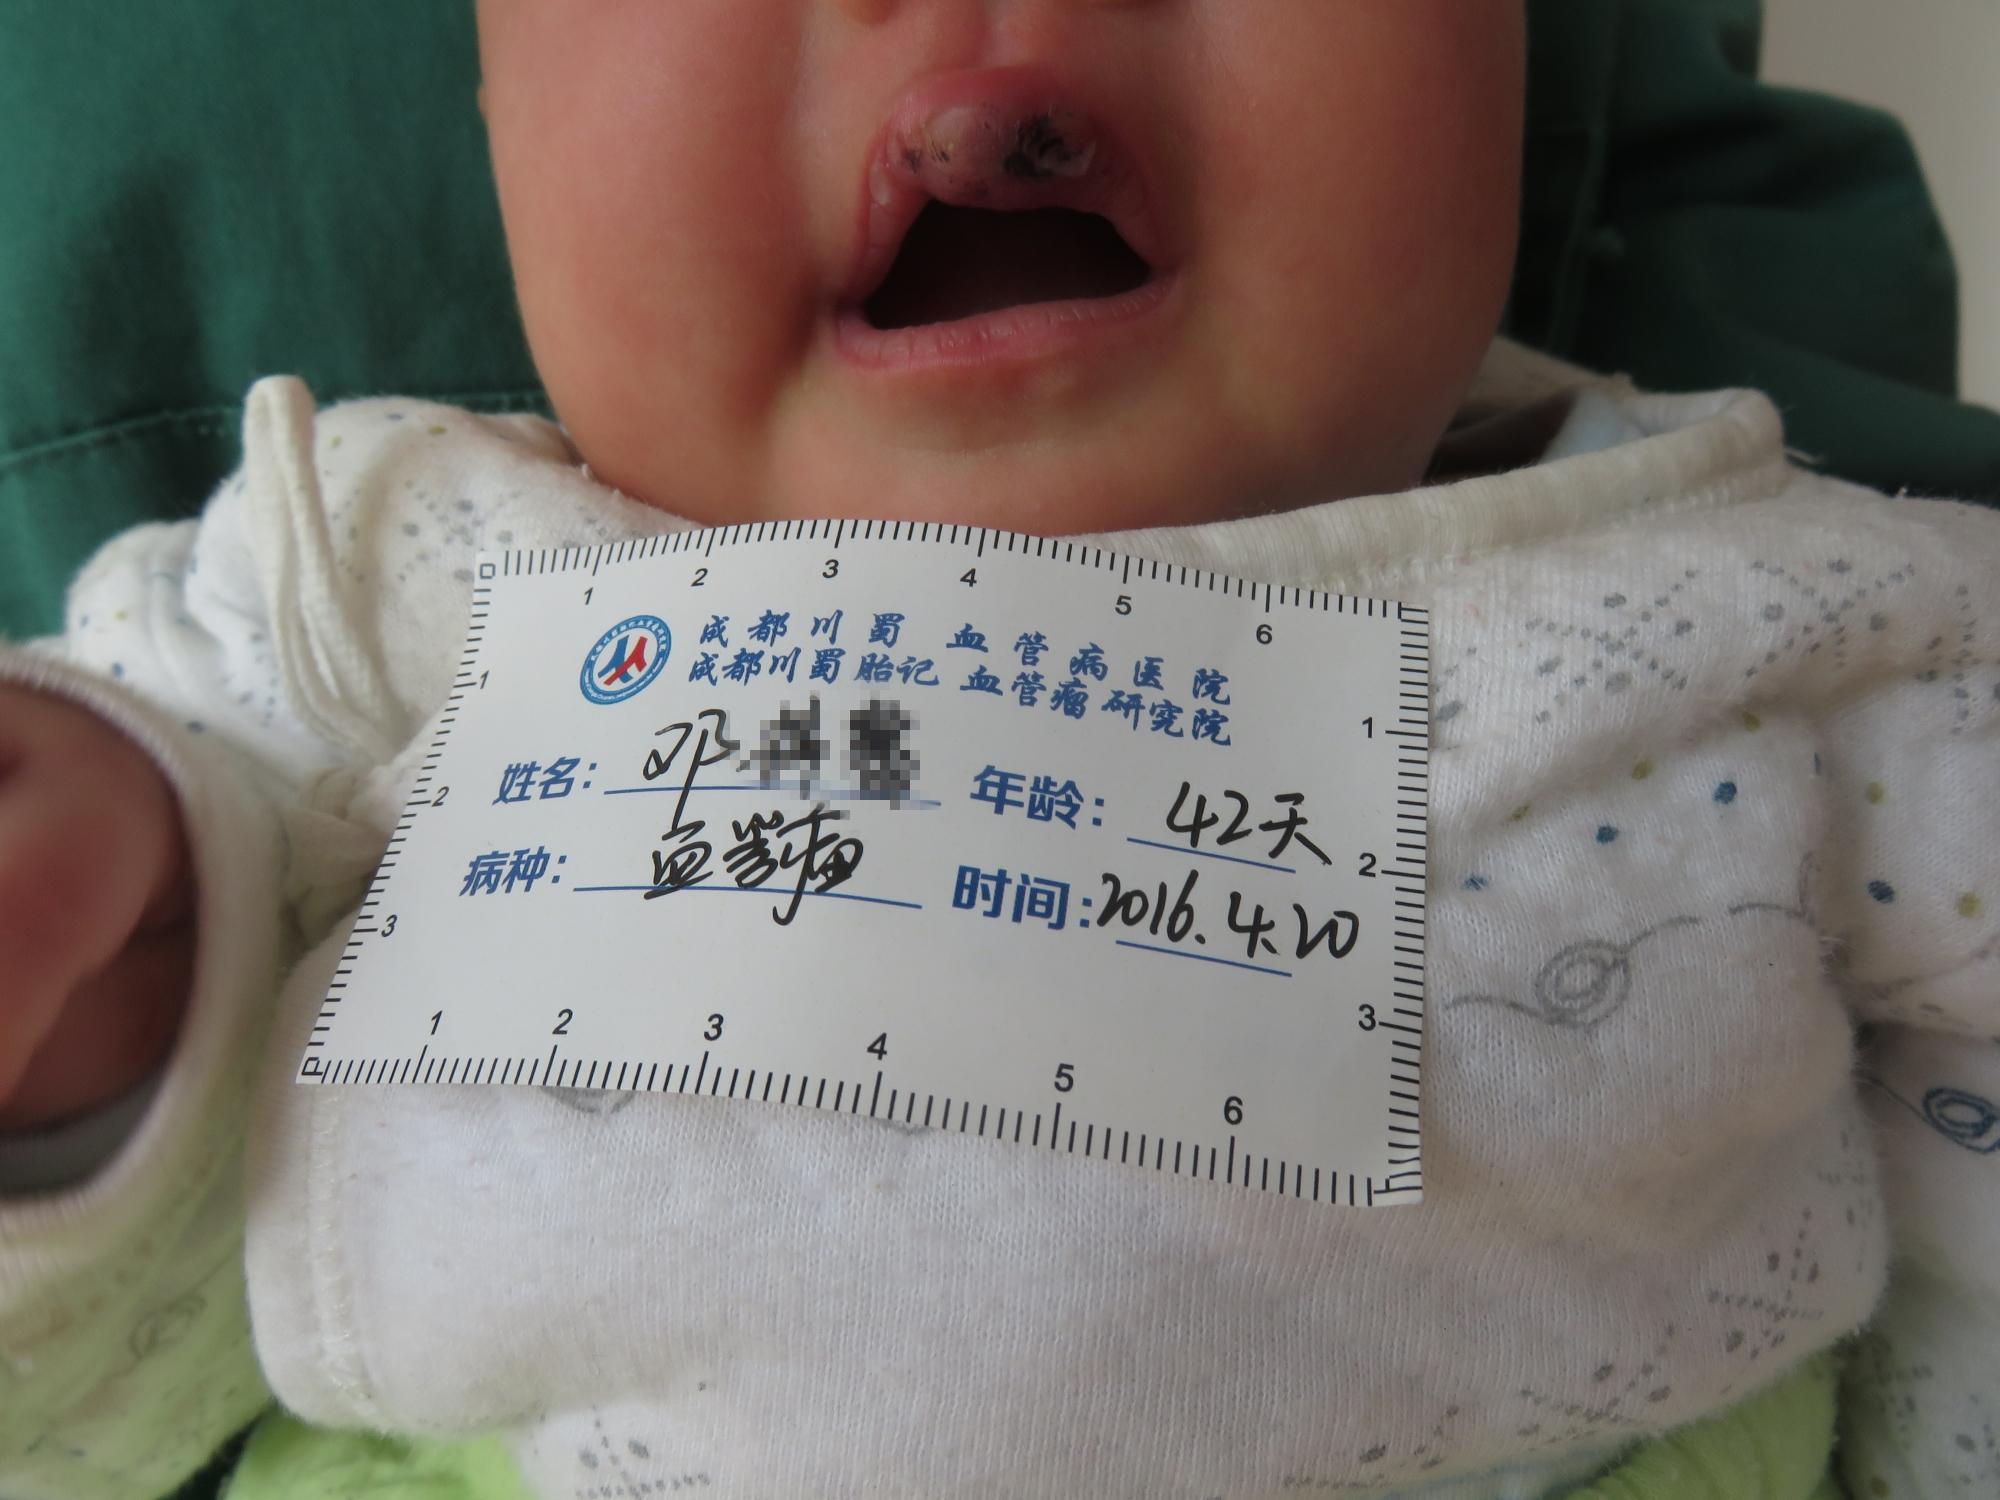 刚出生宝宝发现有血管瘤,要不要紧 婴儿血管瘤初期图片一览